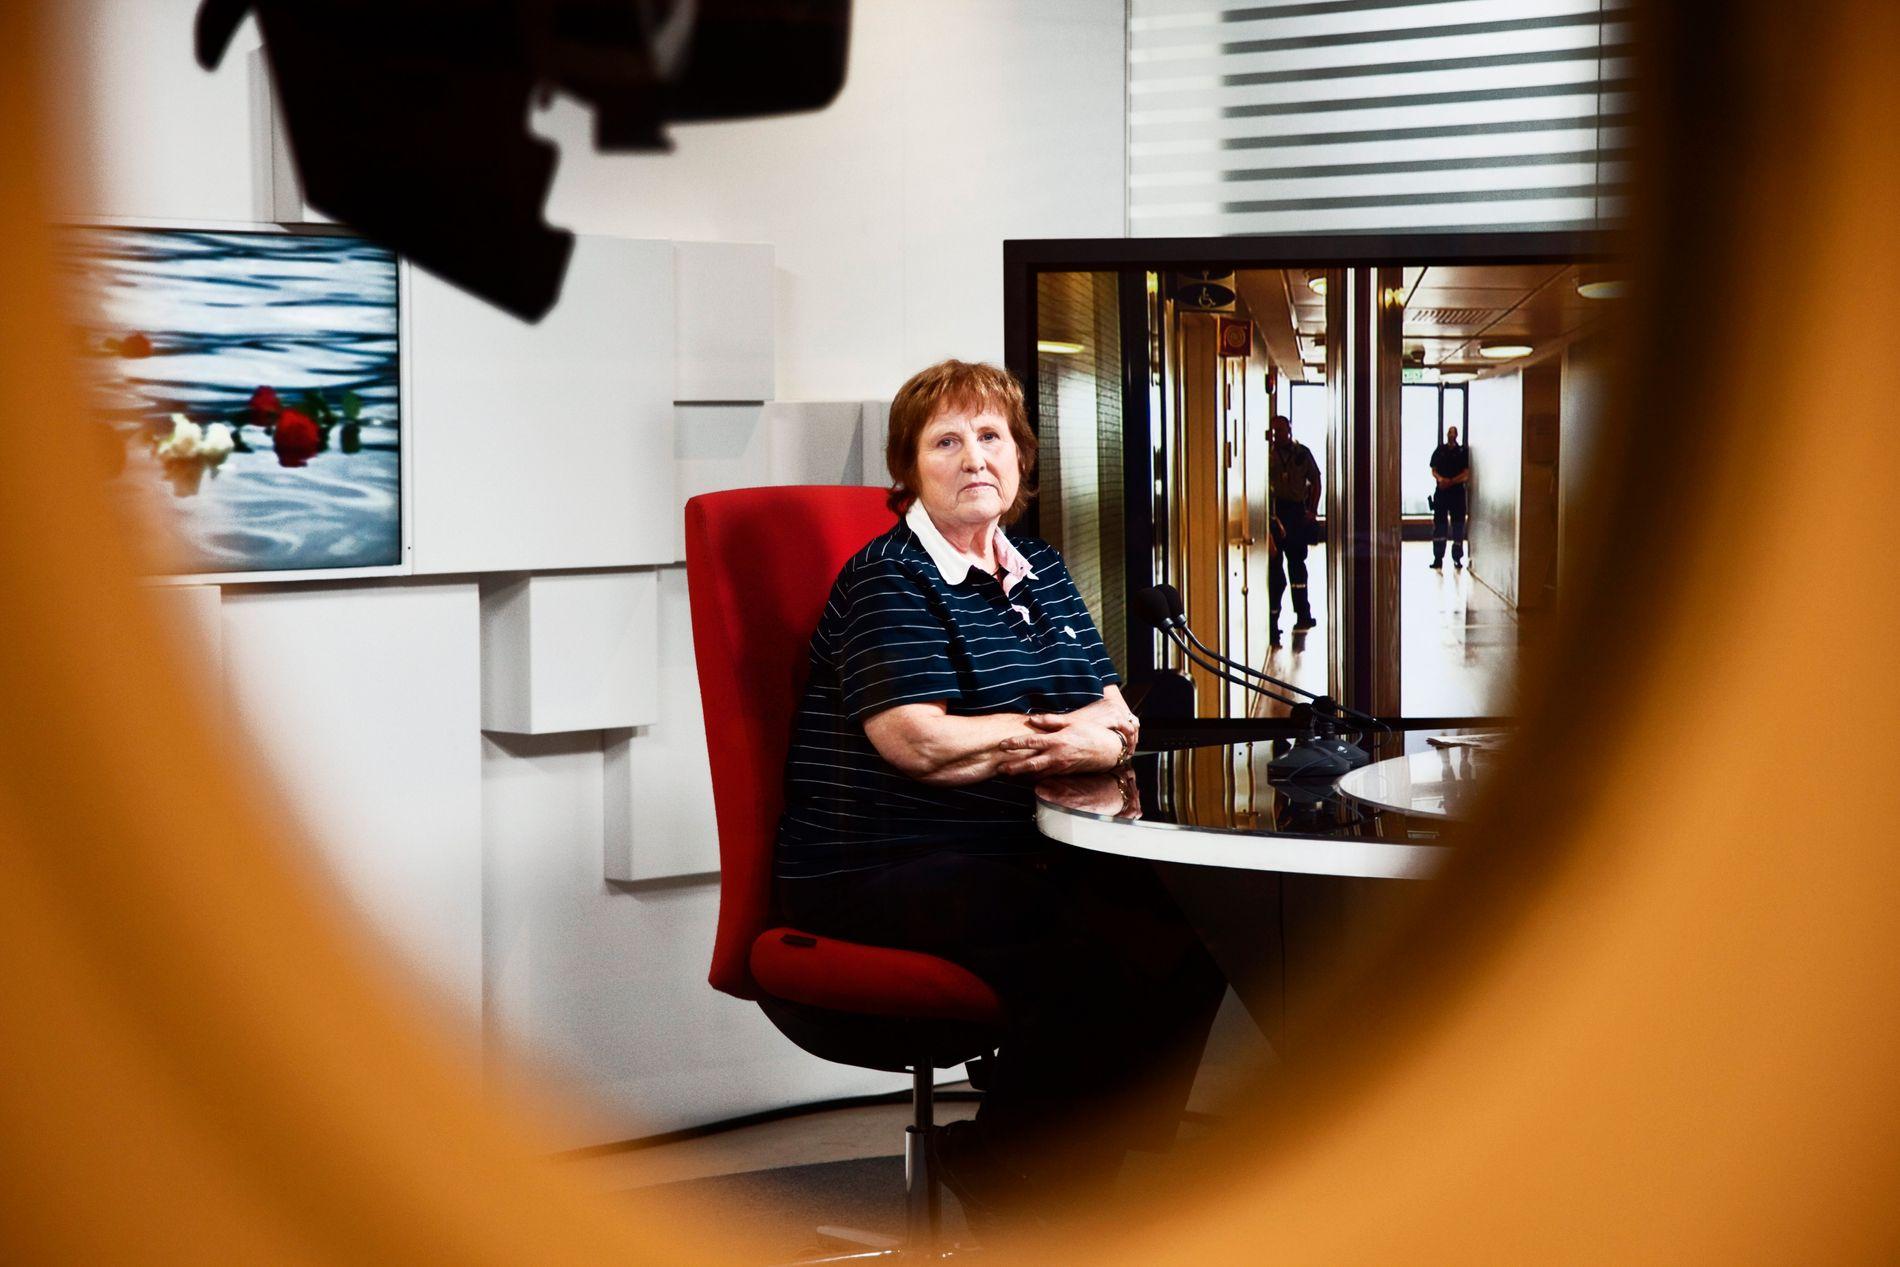 EKSPERT: Voldsforsker i politiet, Ragnhild Bjørnebekk. FOTO: KARIN BEATE NØSTERUD/VG